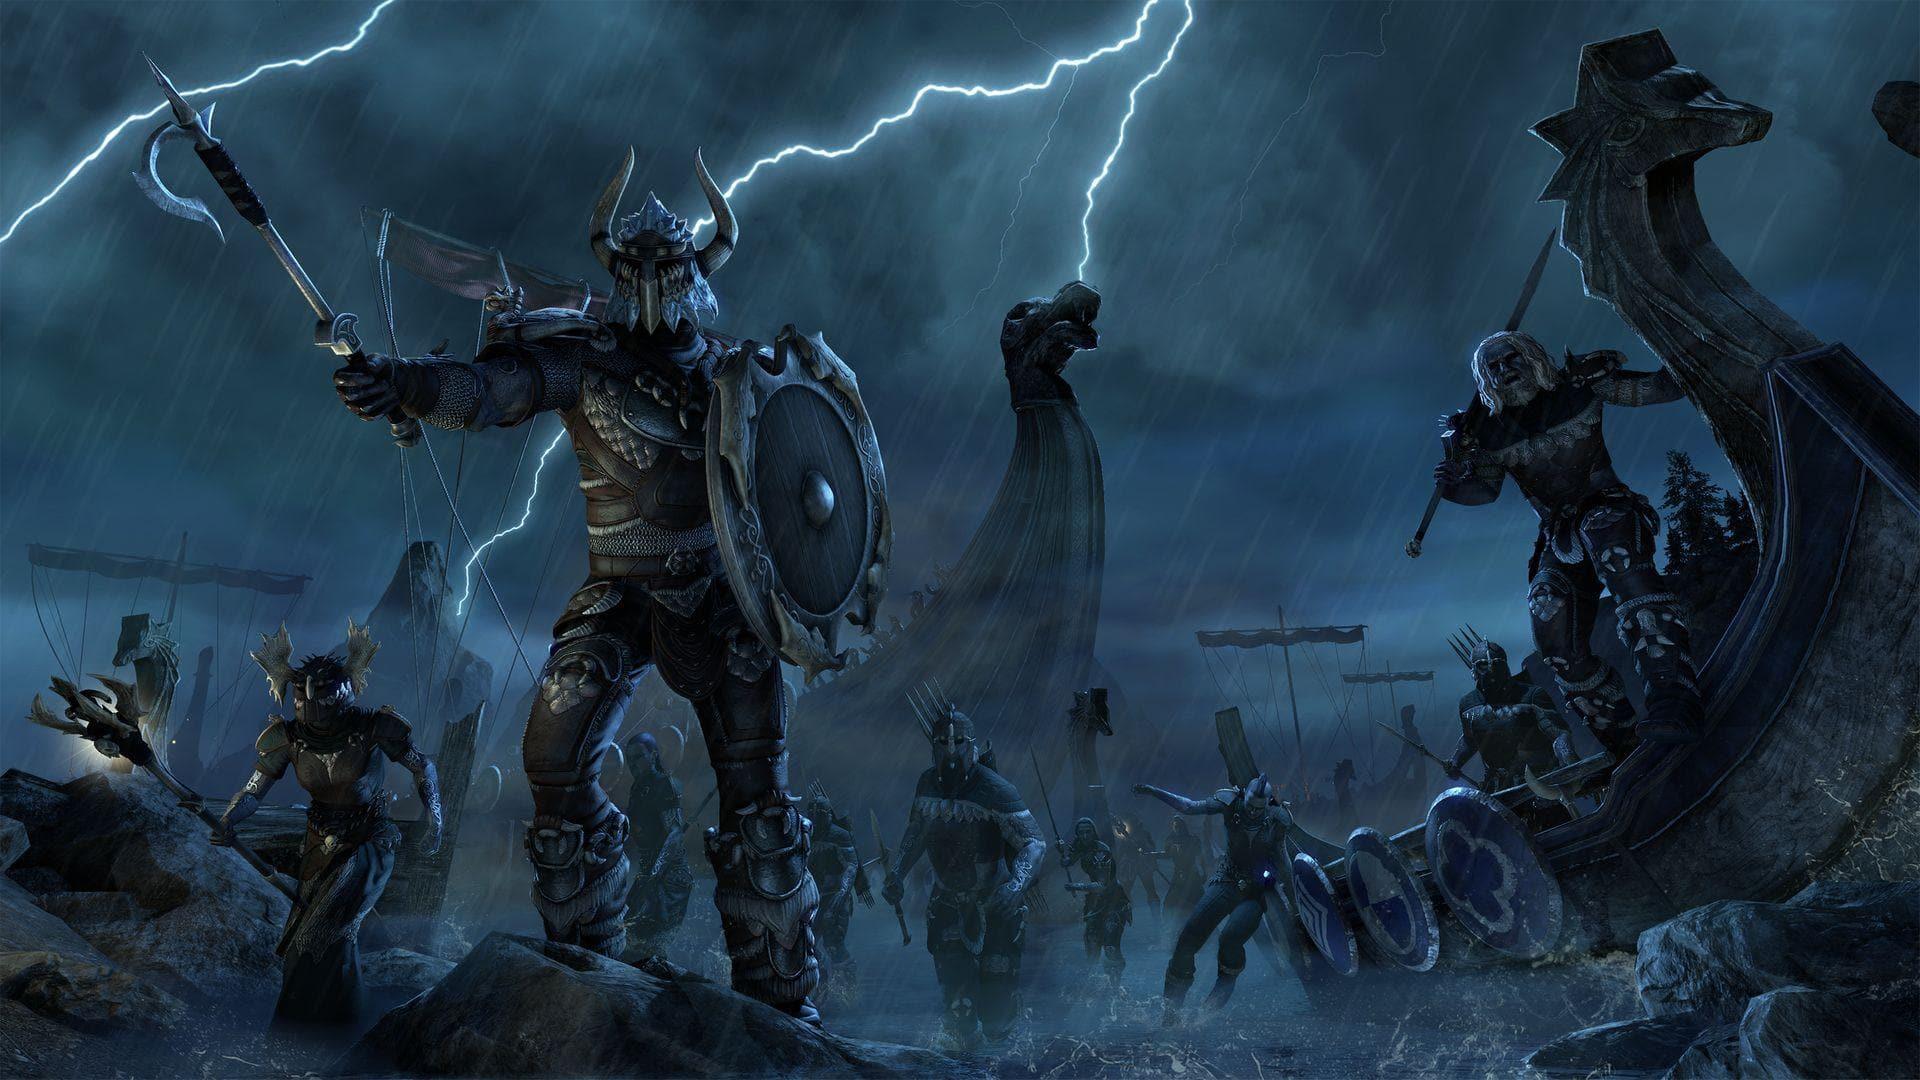 グレイムーアの12人用試練 カイネズ アイギス で恐るべき軍団と戦いましょう Teso Eso エルダー スクロールズ オンライン Dmm Games